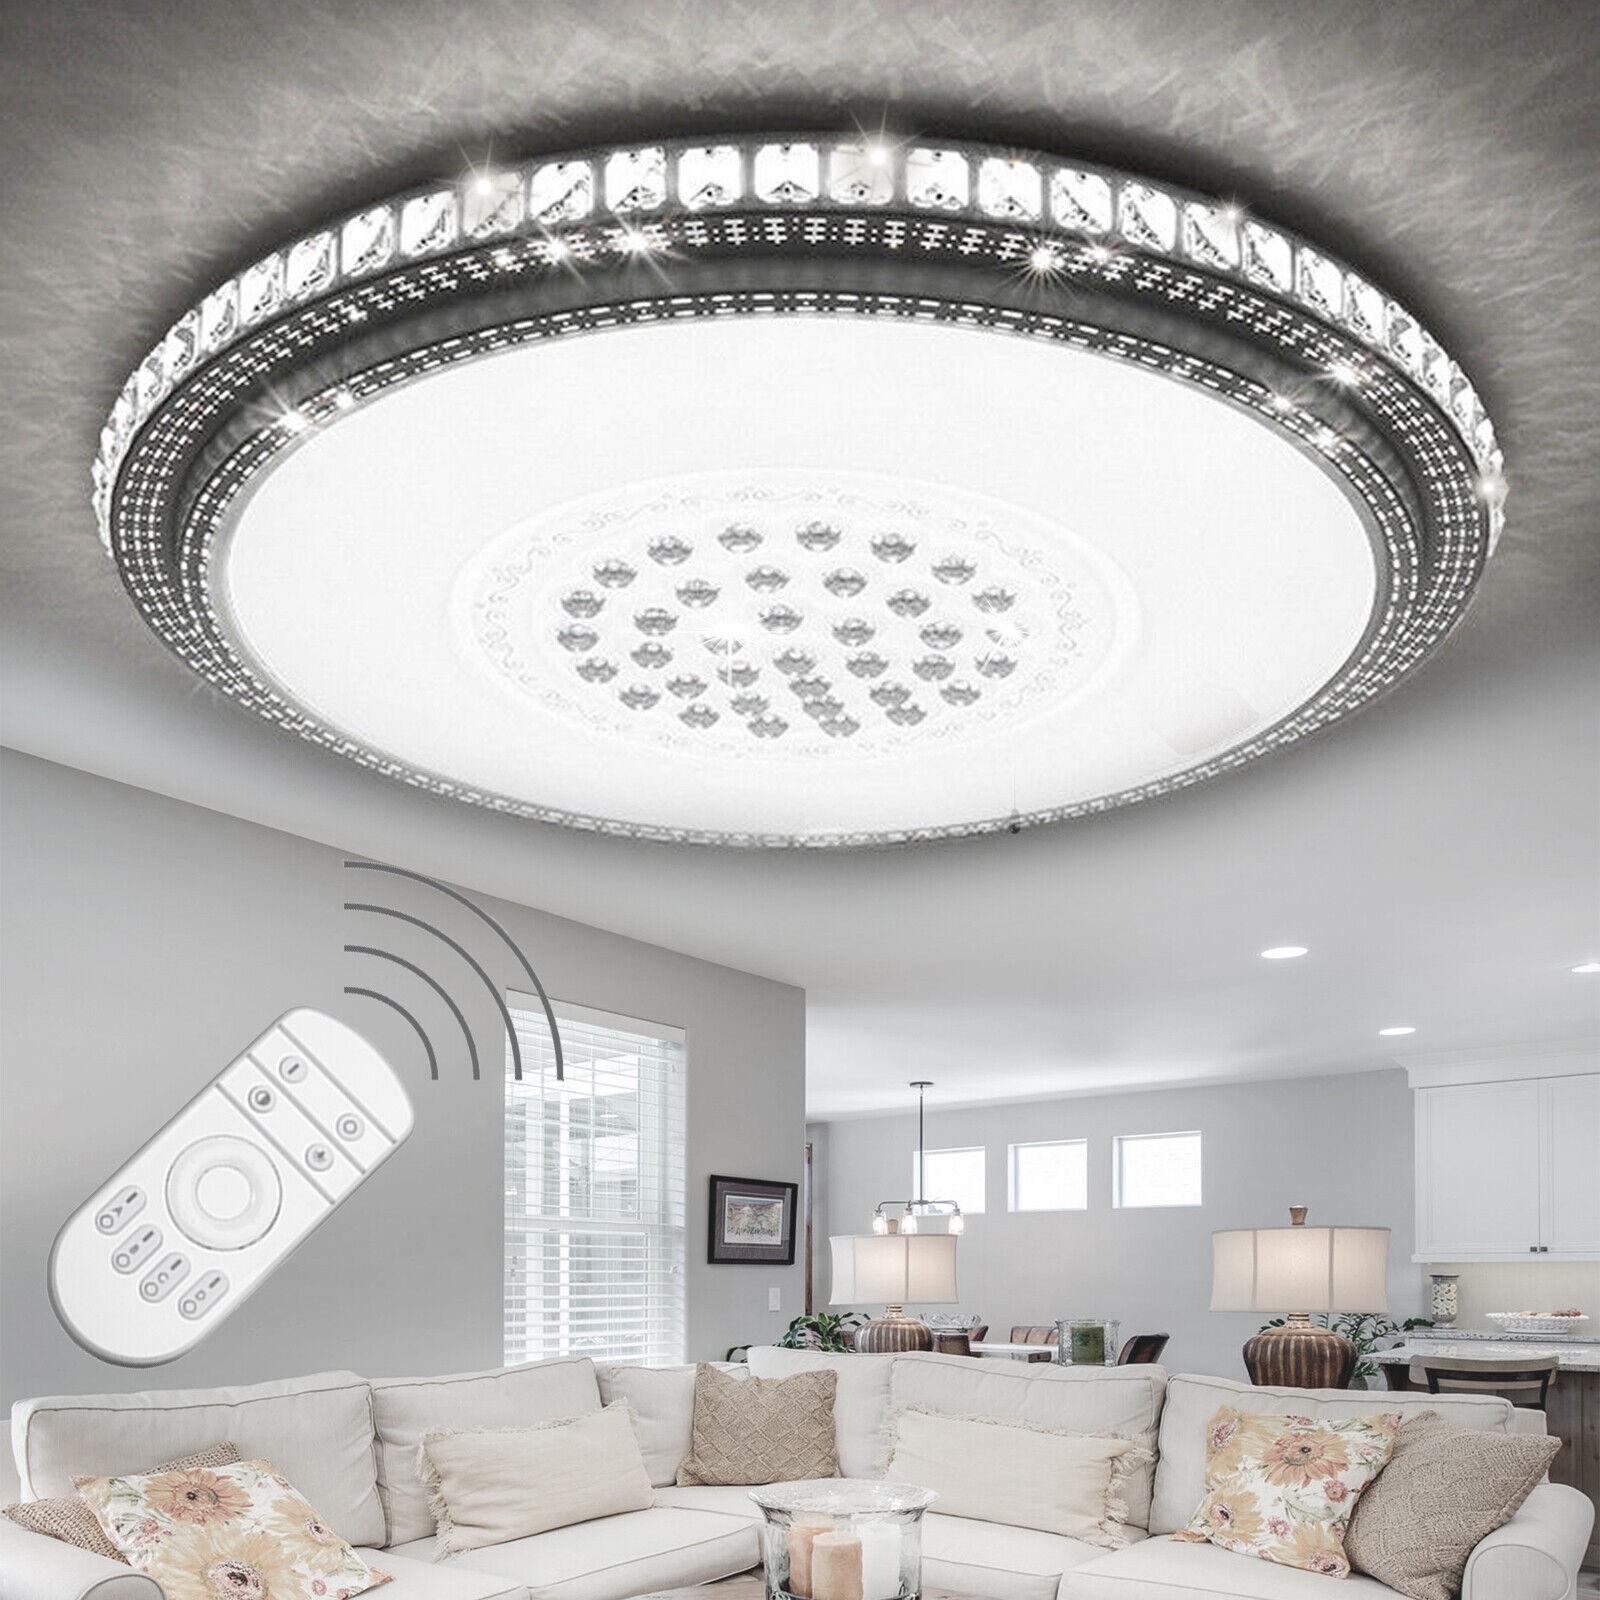 Kristall Deckenlampe Wohnzimmer Decken Leuchte Lampe Glas